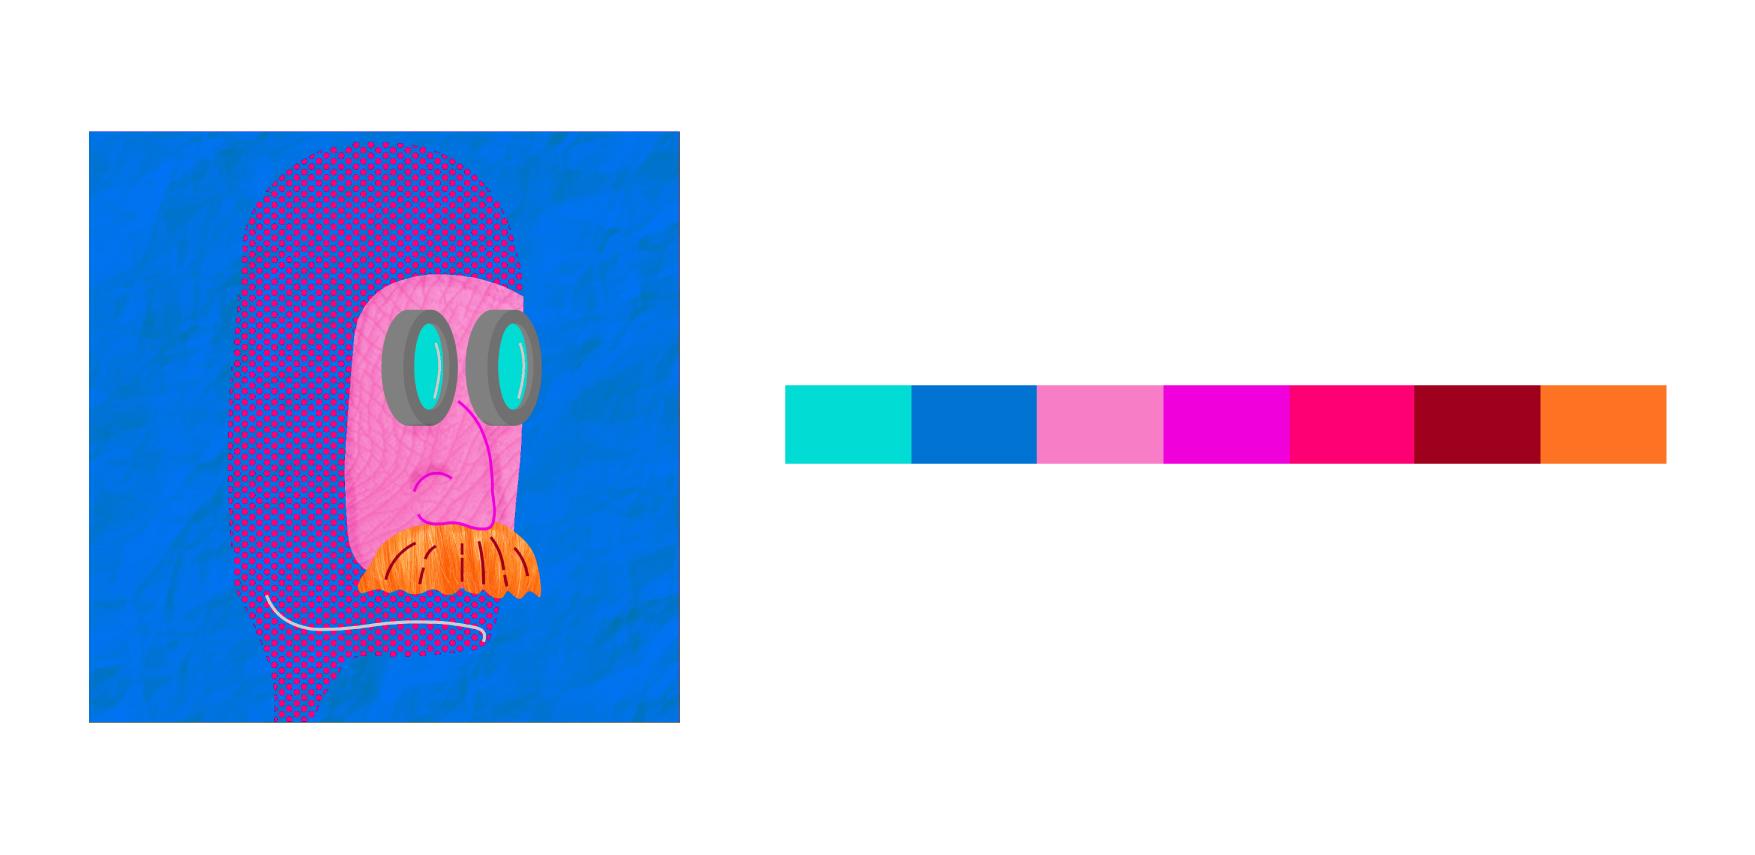 030 ARIEL VELASTEGUÍ the guy a partir de Warhol 2020-04